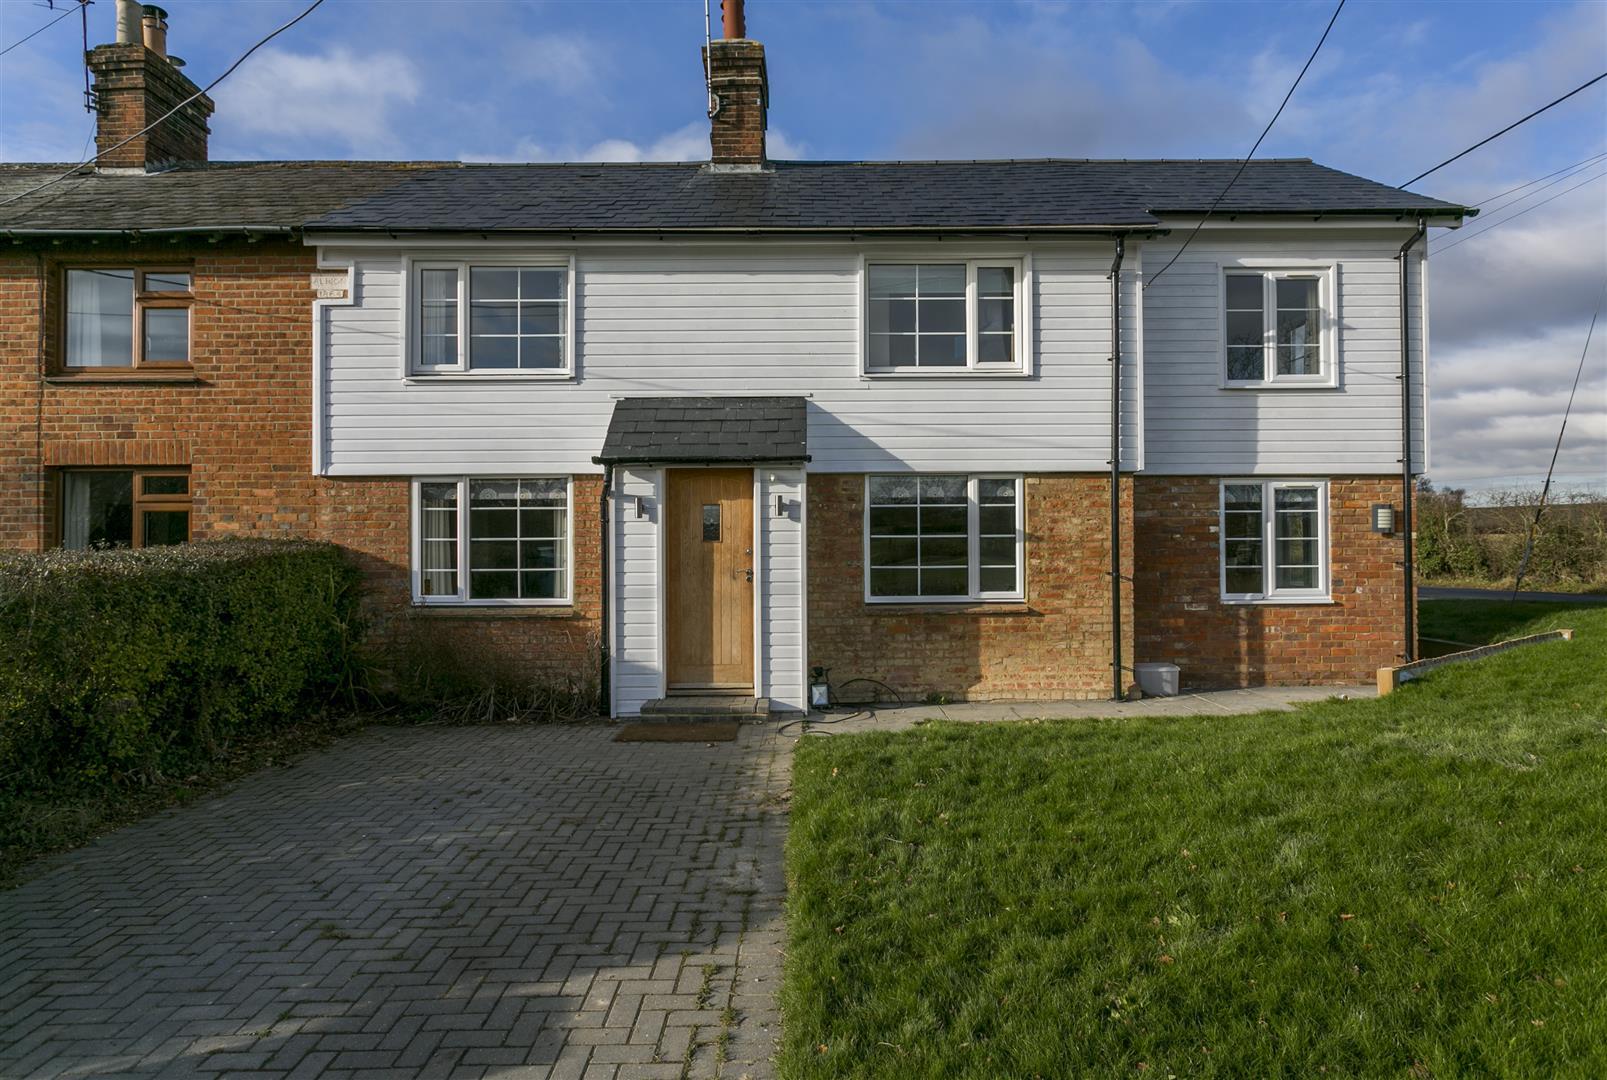 4 Bedrooms Semi Detached House for sale in Goudhurst Road, Staplehurst, Tonbridge